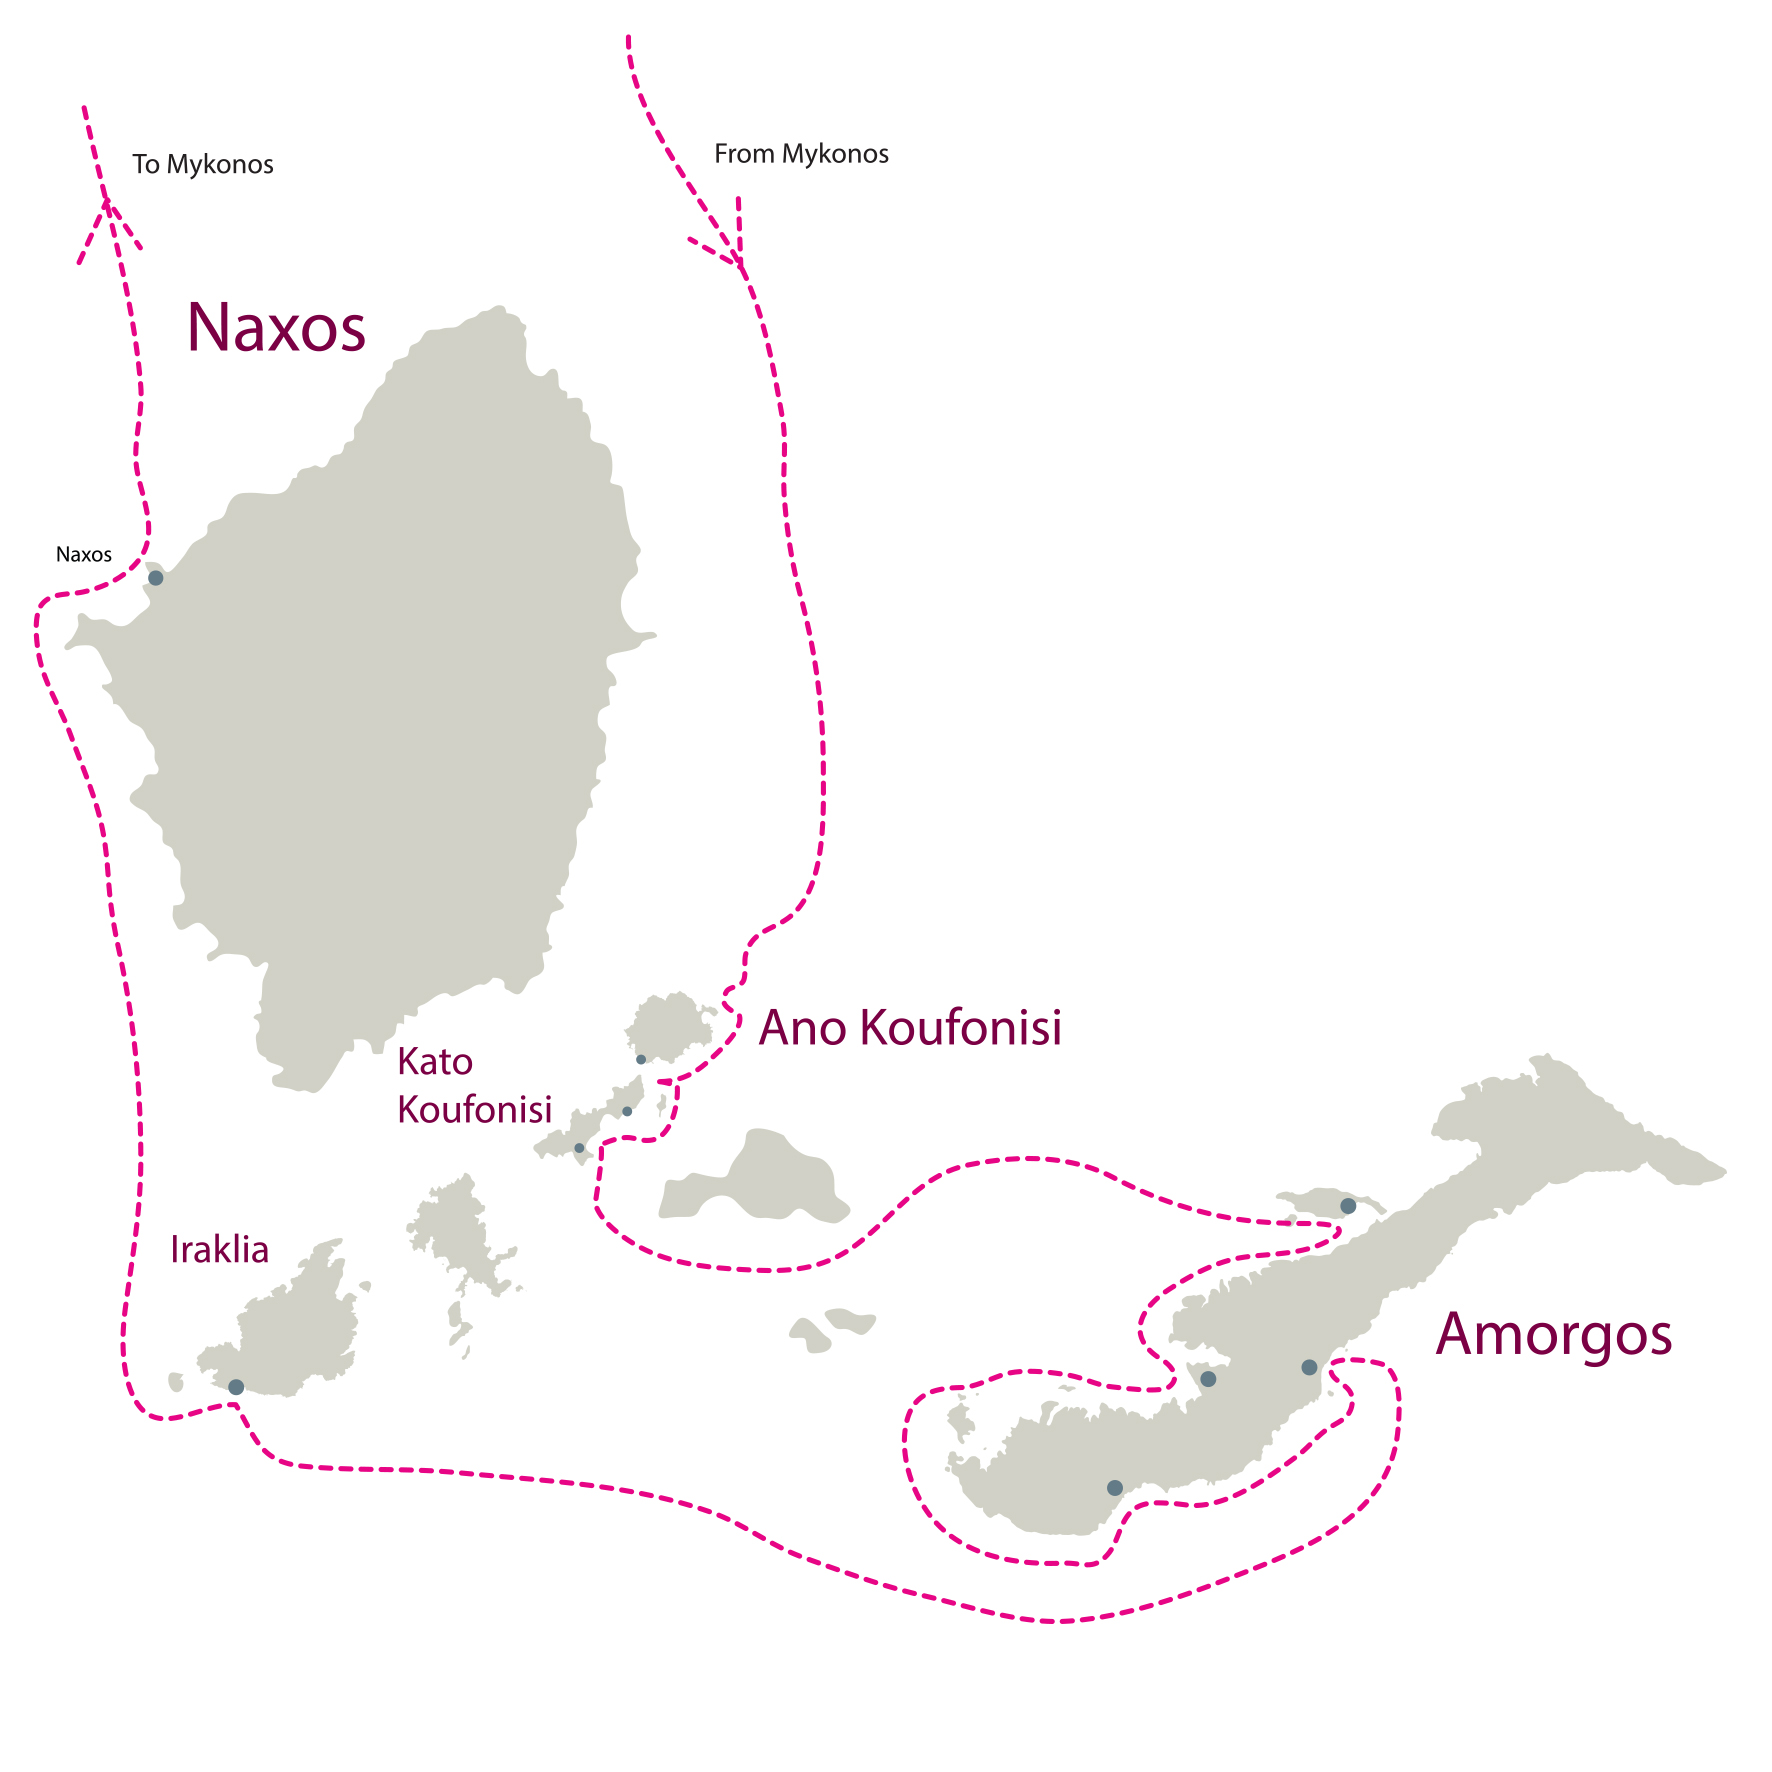 Mykonos-Koufonisia-Amorgos-Naxos-Don Blue Private Cruise